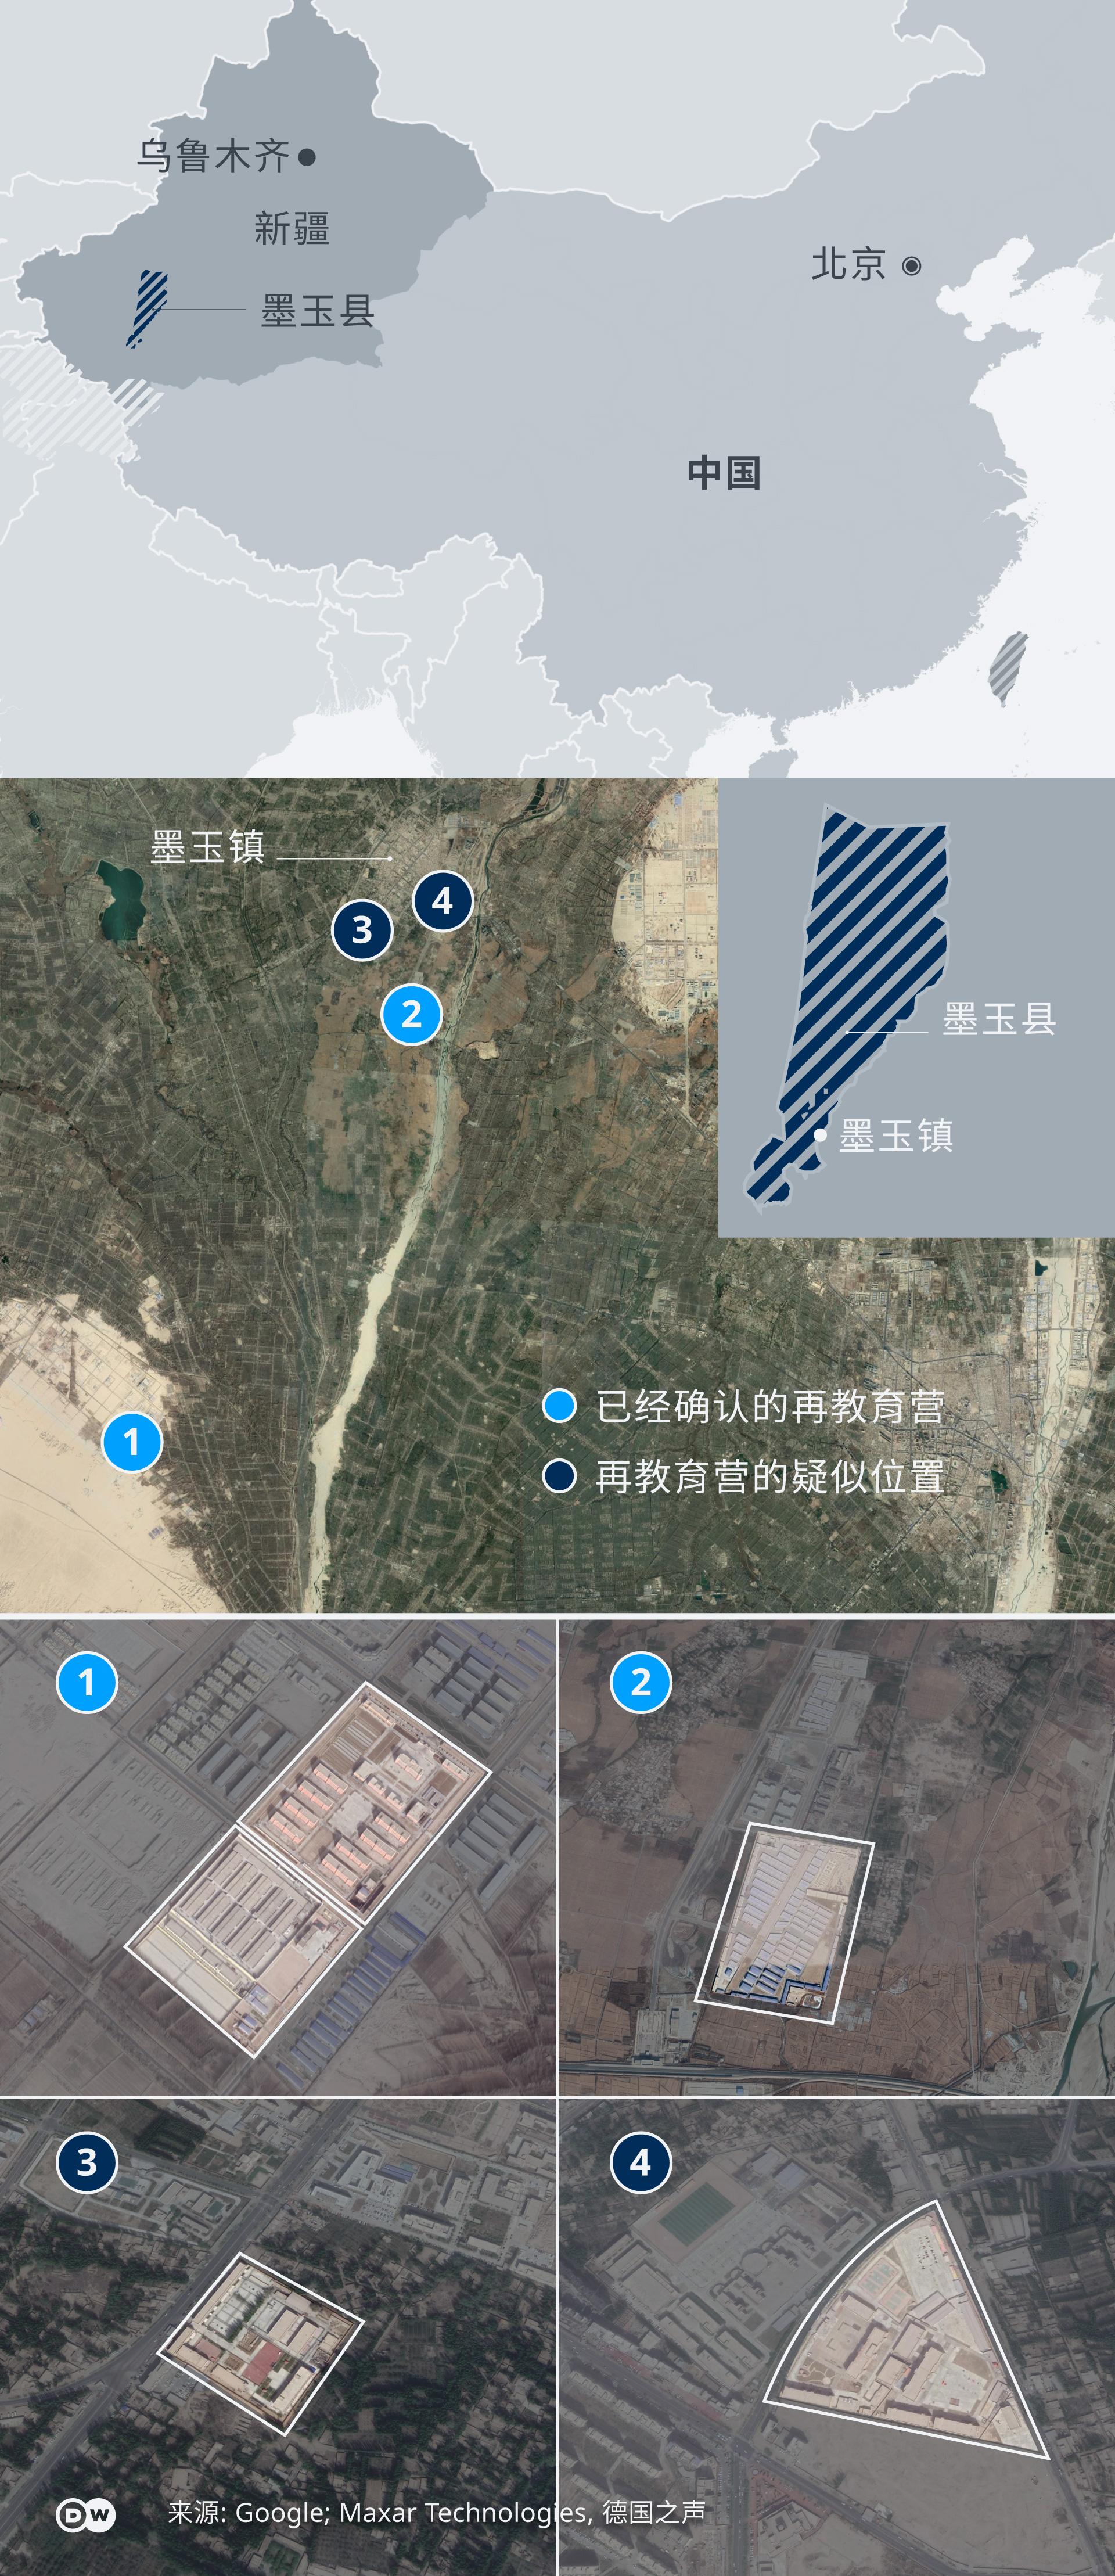 DW Investigativ Projekt: Uiguren Umerziehungslager in China !!!ACHTUNG SPERRFRIST 17.02.2020 (17.00 Uhr)!!! ZH